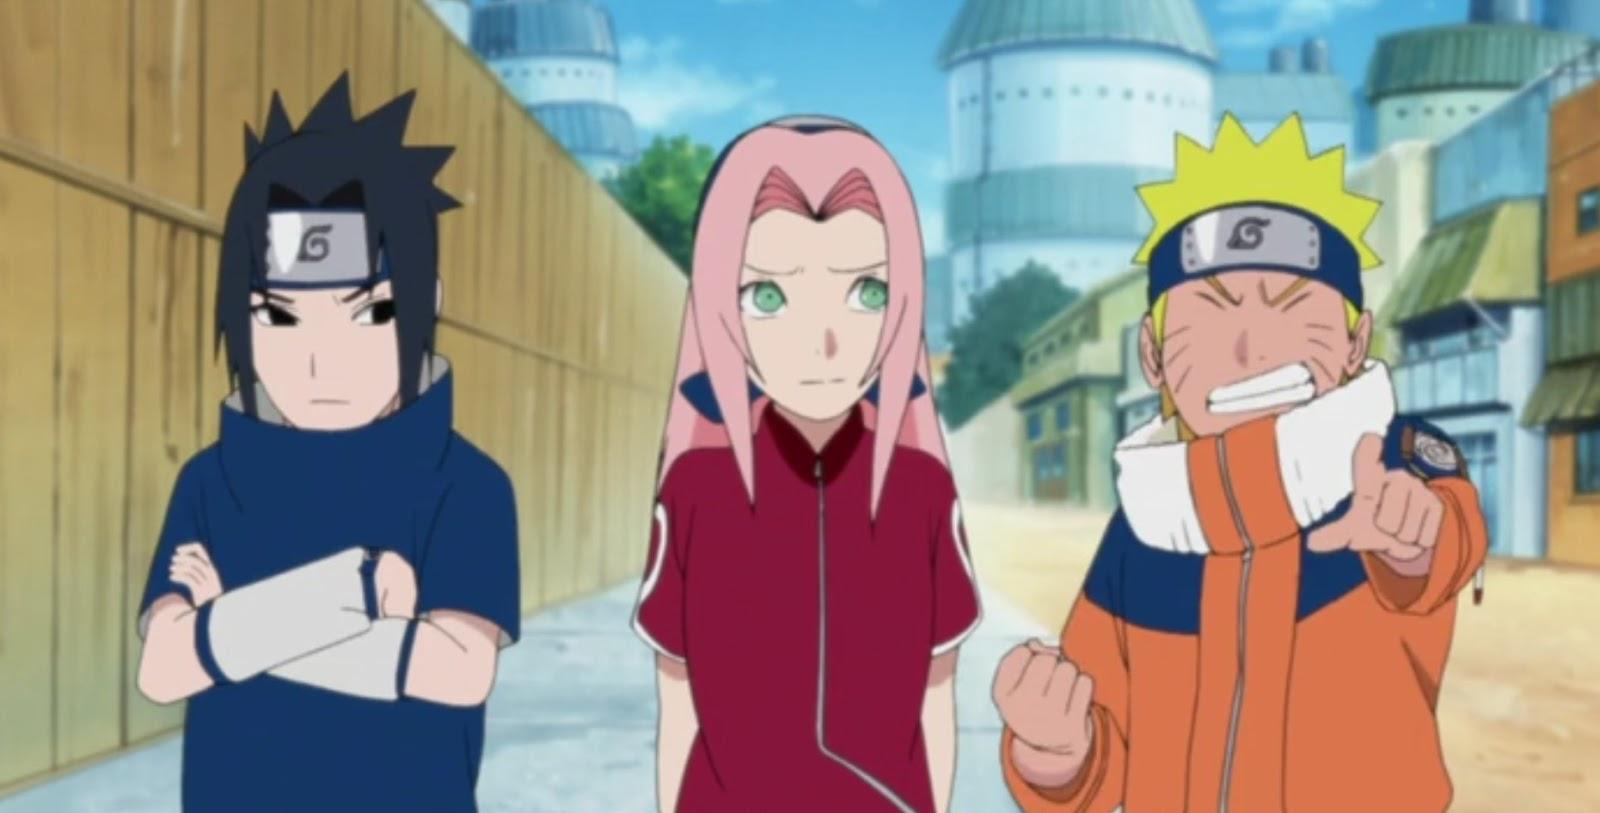 Naruto Shippuden Episódio 469, Assistir Naruto Shippuden Episódio 469, Assistir Naruto Shippuden Todos os Episódios Legendado, Naruto Shippuden episódio 469,HD